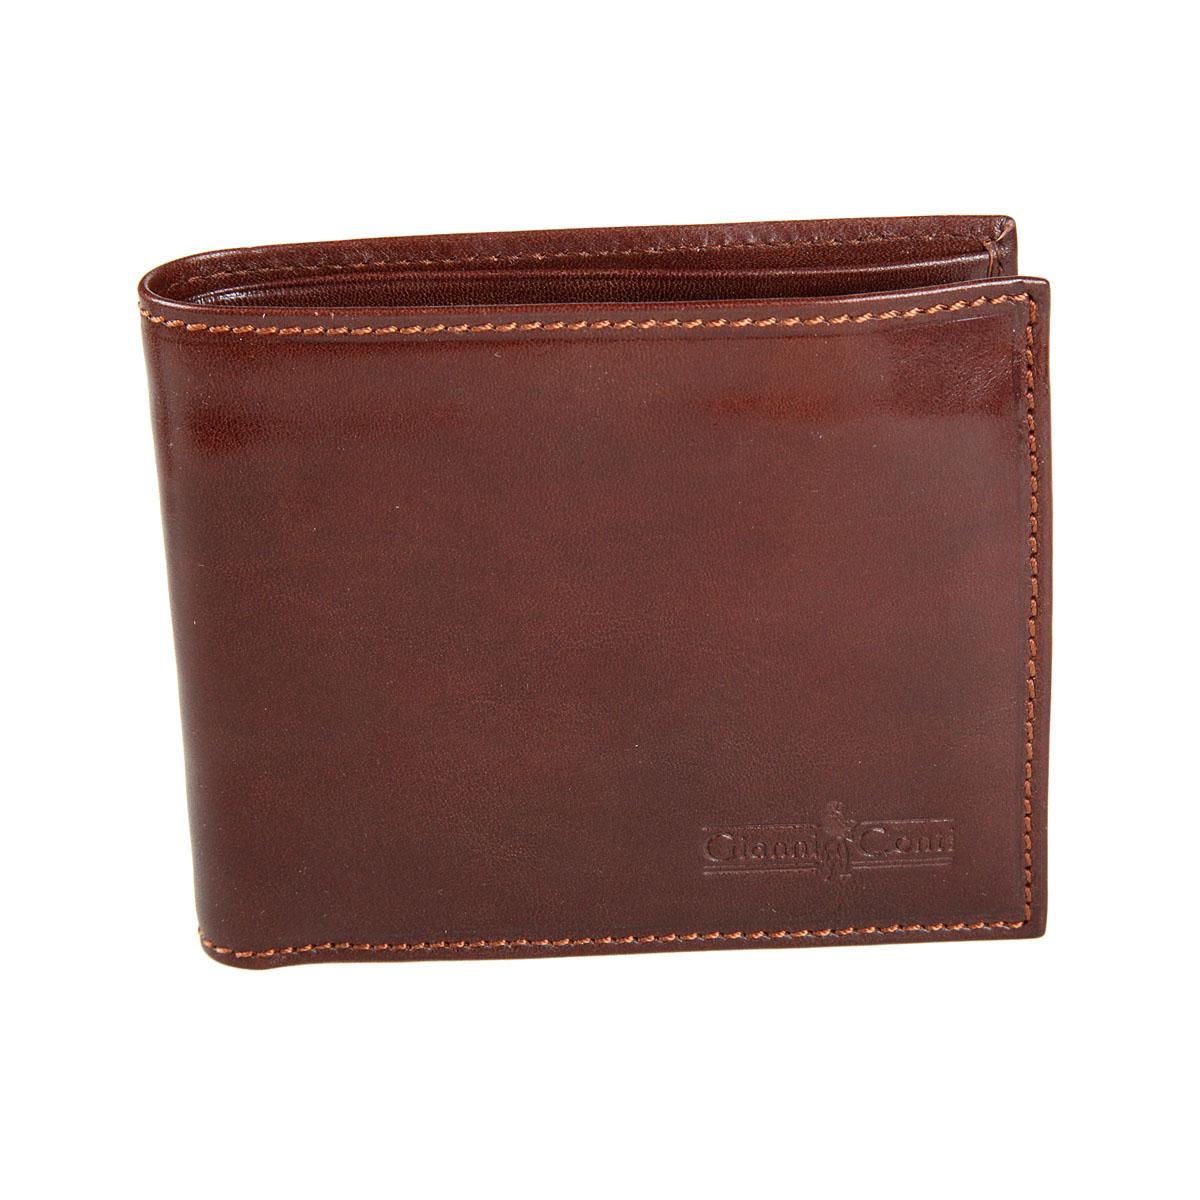 Портмоне мужское Gianni Conti, цвет: коричневый. 907023W16-11128_323Стильное мужское портмоне Gianni Conti выполнено из натуральной кожи. Лицевая сторона оформлена тиснением в виде названия бренда производителя.Изделие раскладывается пополам. Внутри имеется два отделения для купюр, четыре потайных кармана, карман для мелочи на кнопке, семь кармашков для визиток и пластиковых карт и сетчатый карман. Портмоне упаковано в фирменную картонную коробку. Оригинальное портмоне подчеркнет вашу индивидуальность и изысканный вкус, а также станет замечательным подарком человеку, ценящему качественные и практичные вещи.